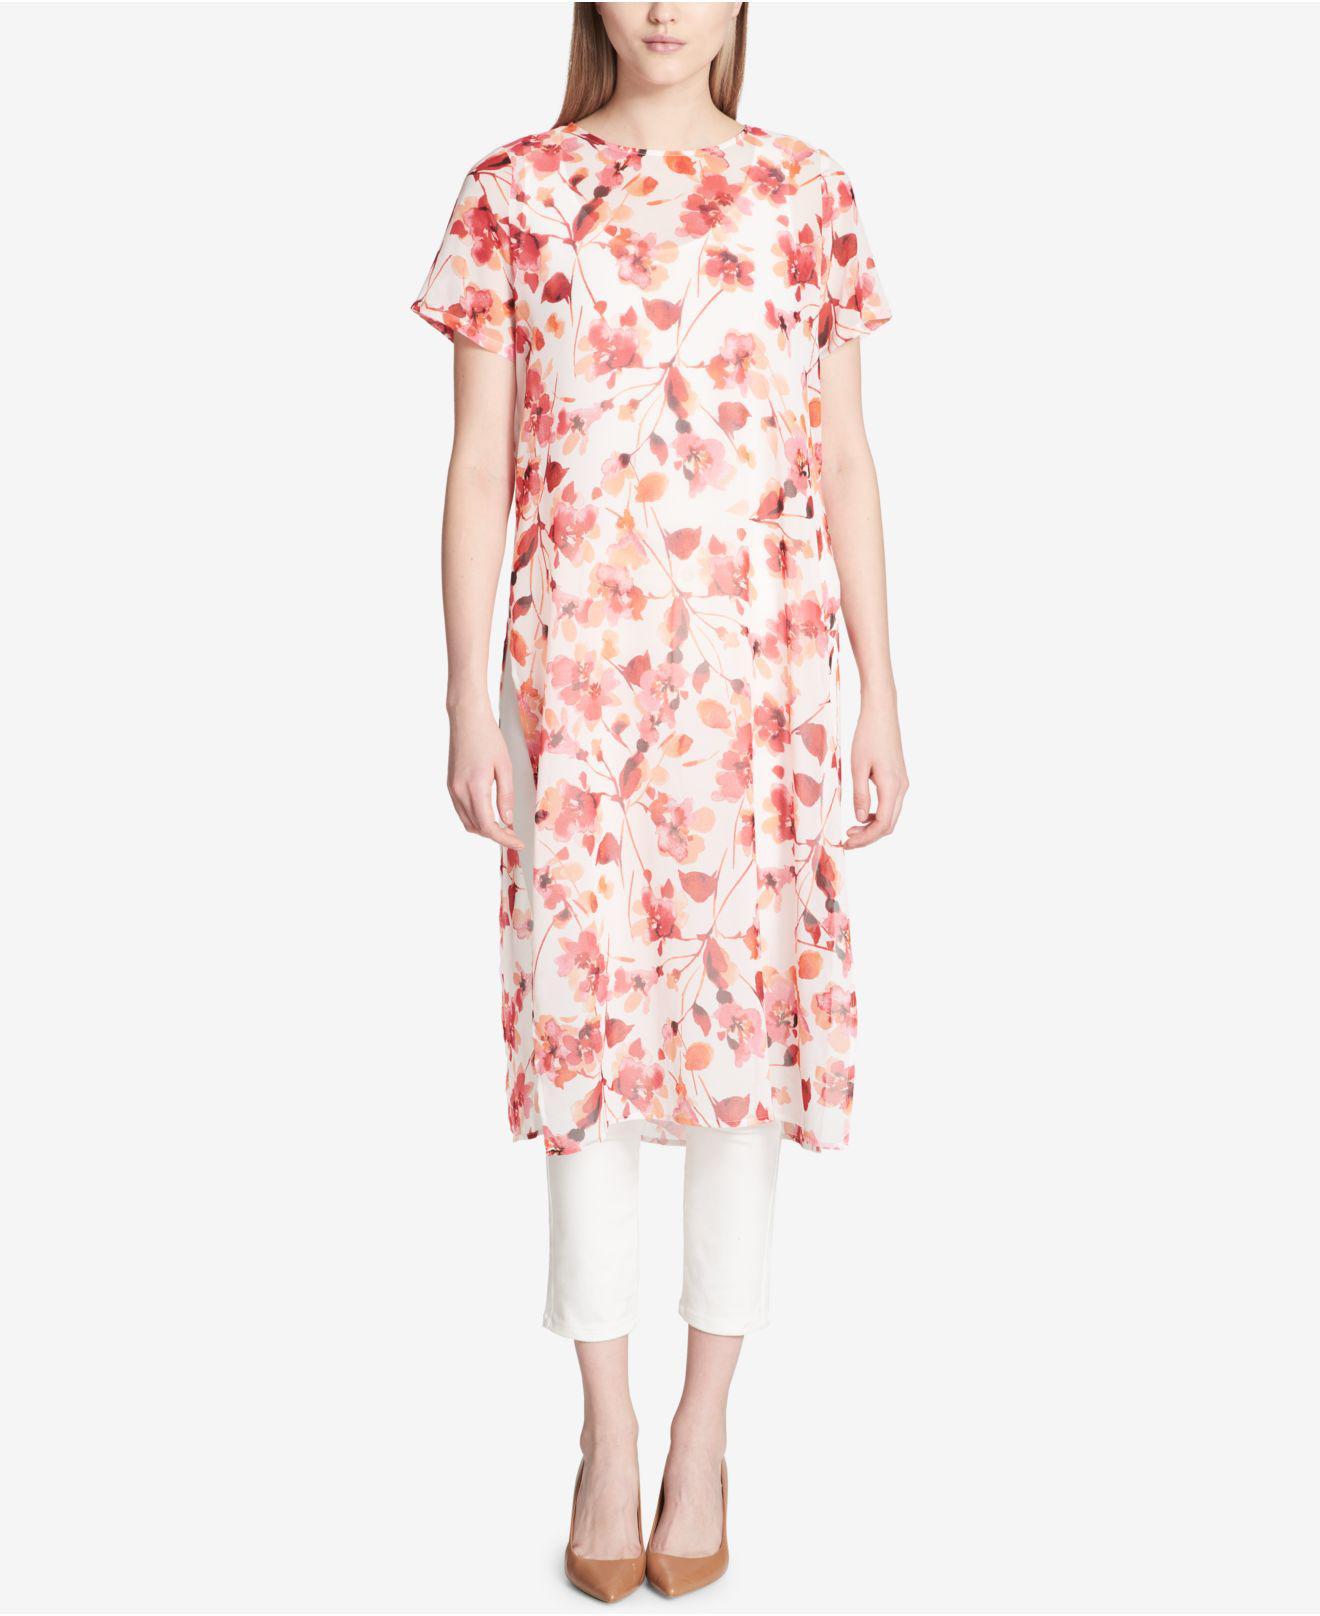 b33389a895a Lyst - Calvin Klein Sheer Printed Tunic